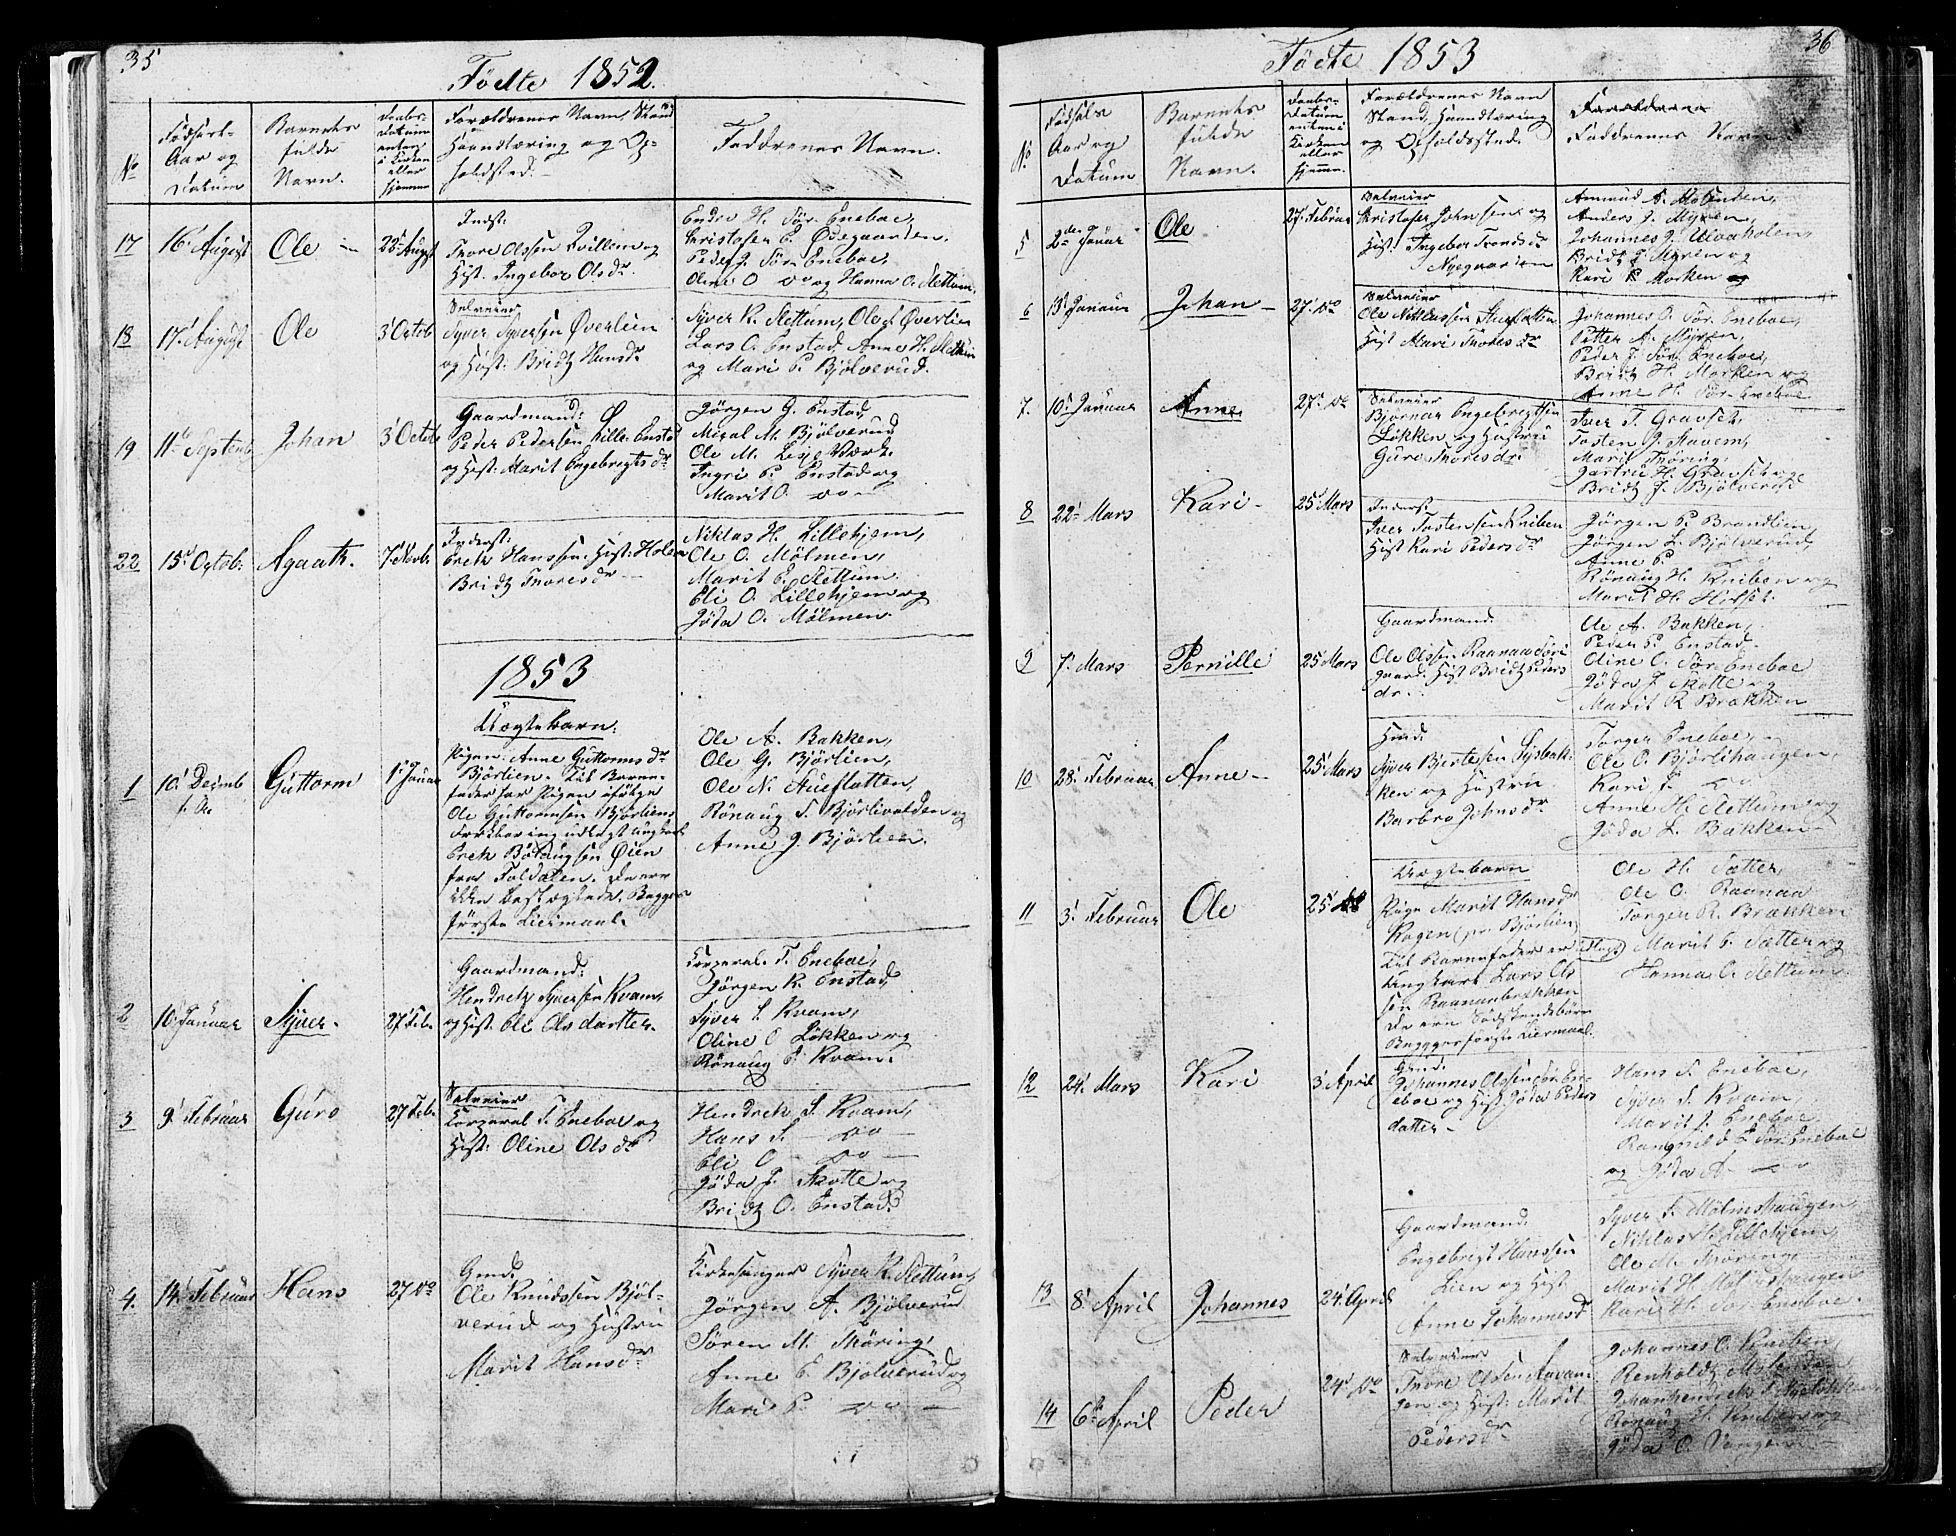 SAH, Lesja prestekontor, Parish register (copy) no. 4, 1842-1871, p. 35-36